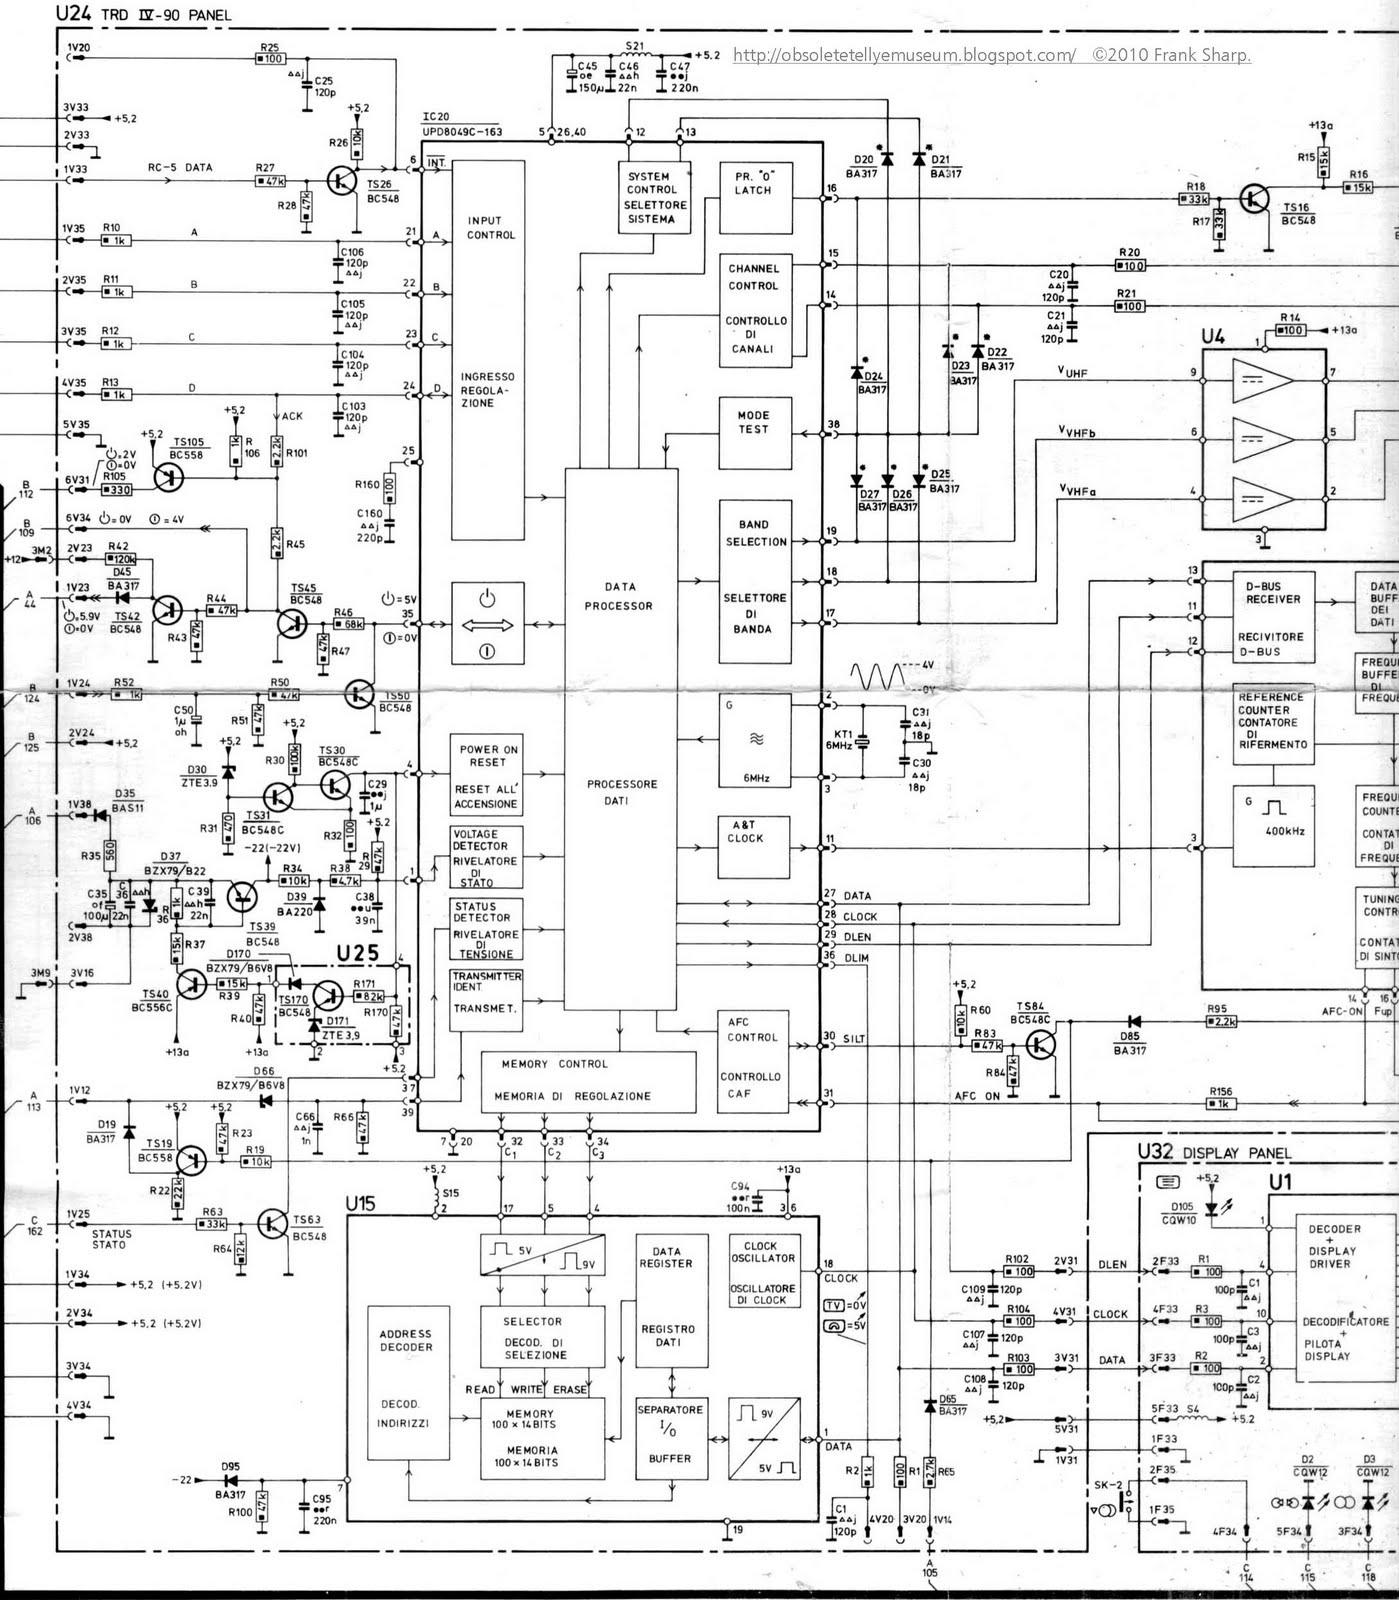 Lt155 Wiring Diagram Sears Lt1000 John Deere 430 Diagram, John, Free Engine Image For User Manual Download